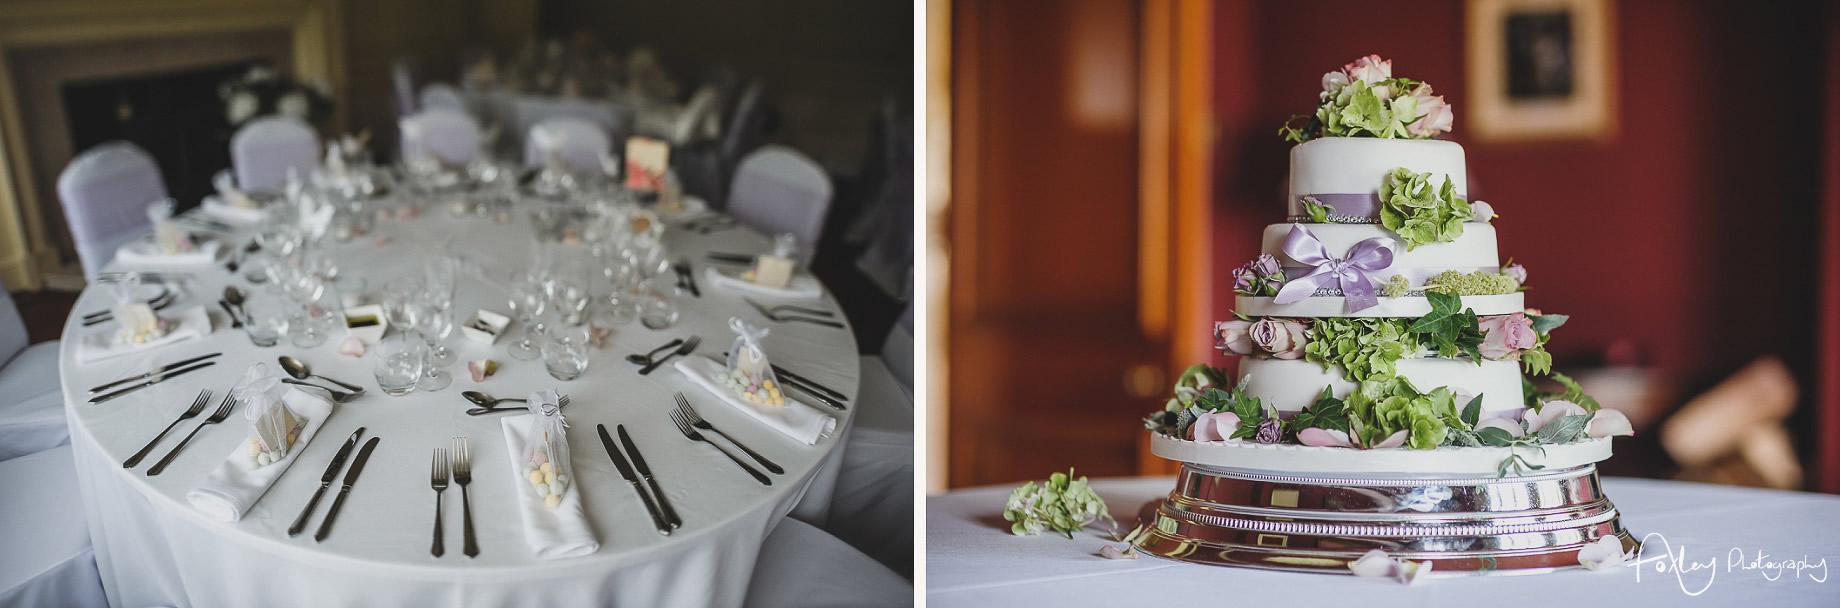 Simona-and-Robert-Wedding-at-Colshaw-Hall-020